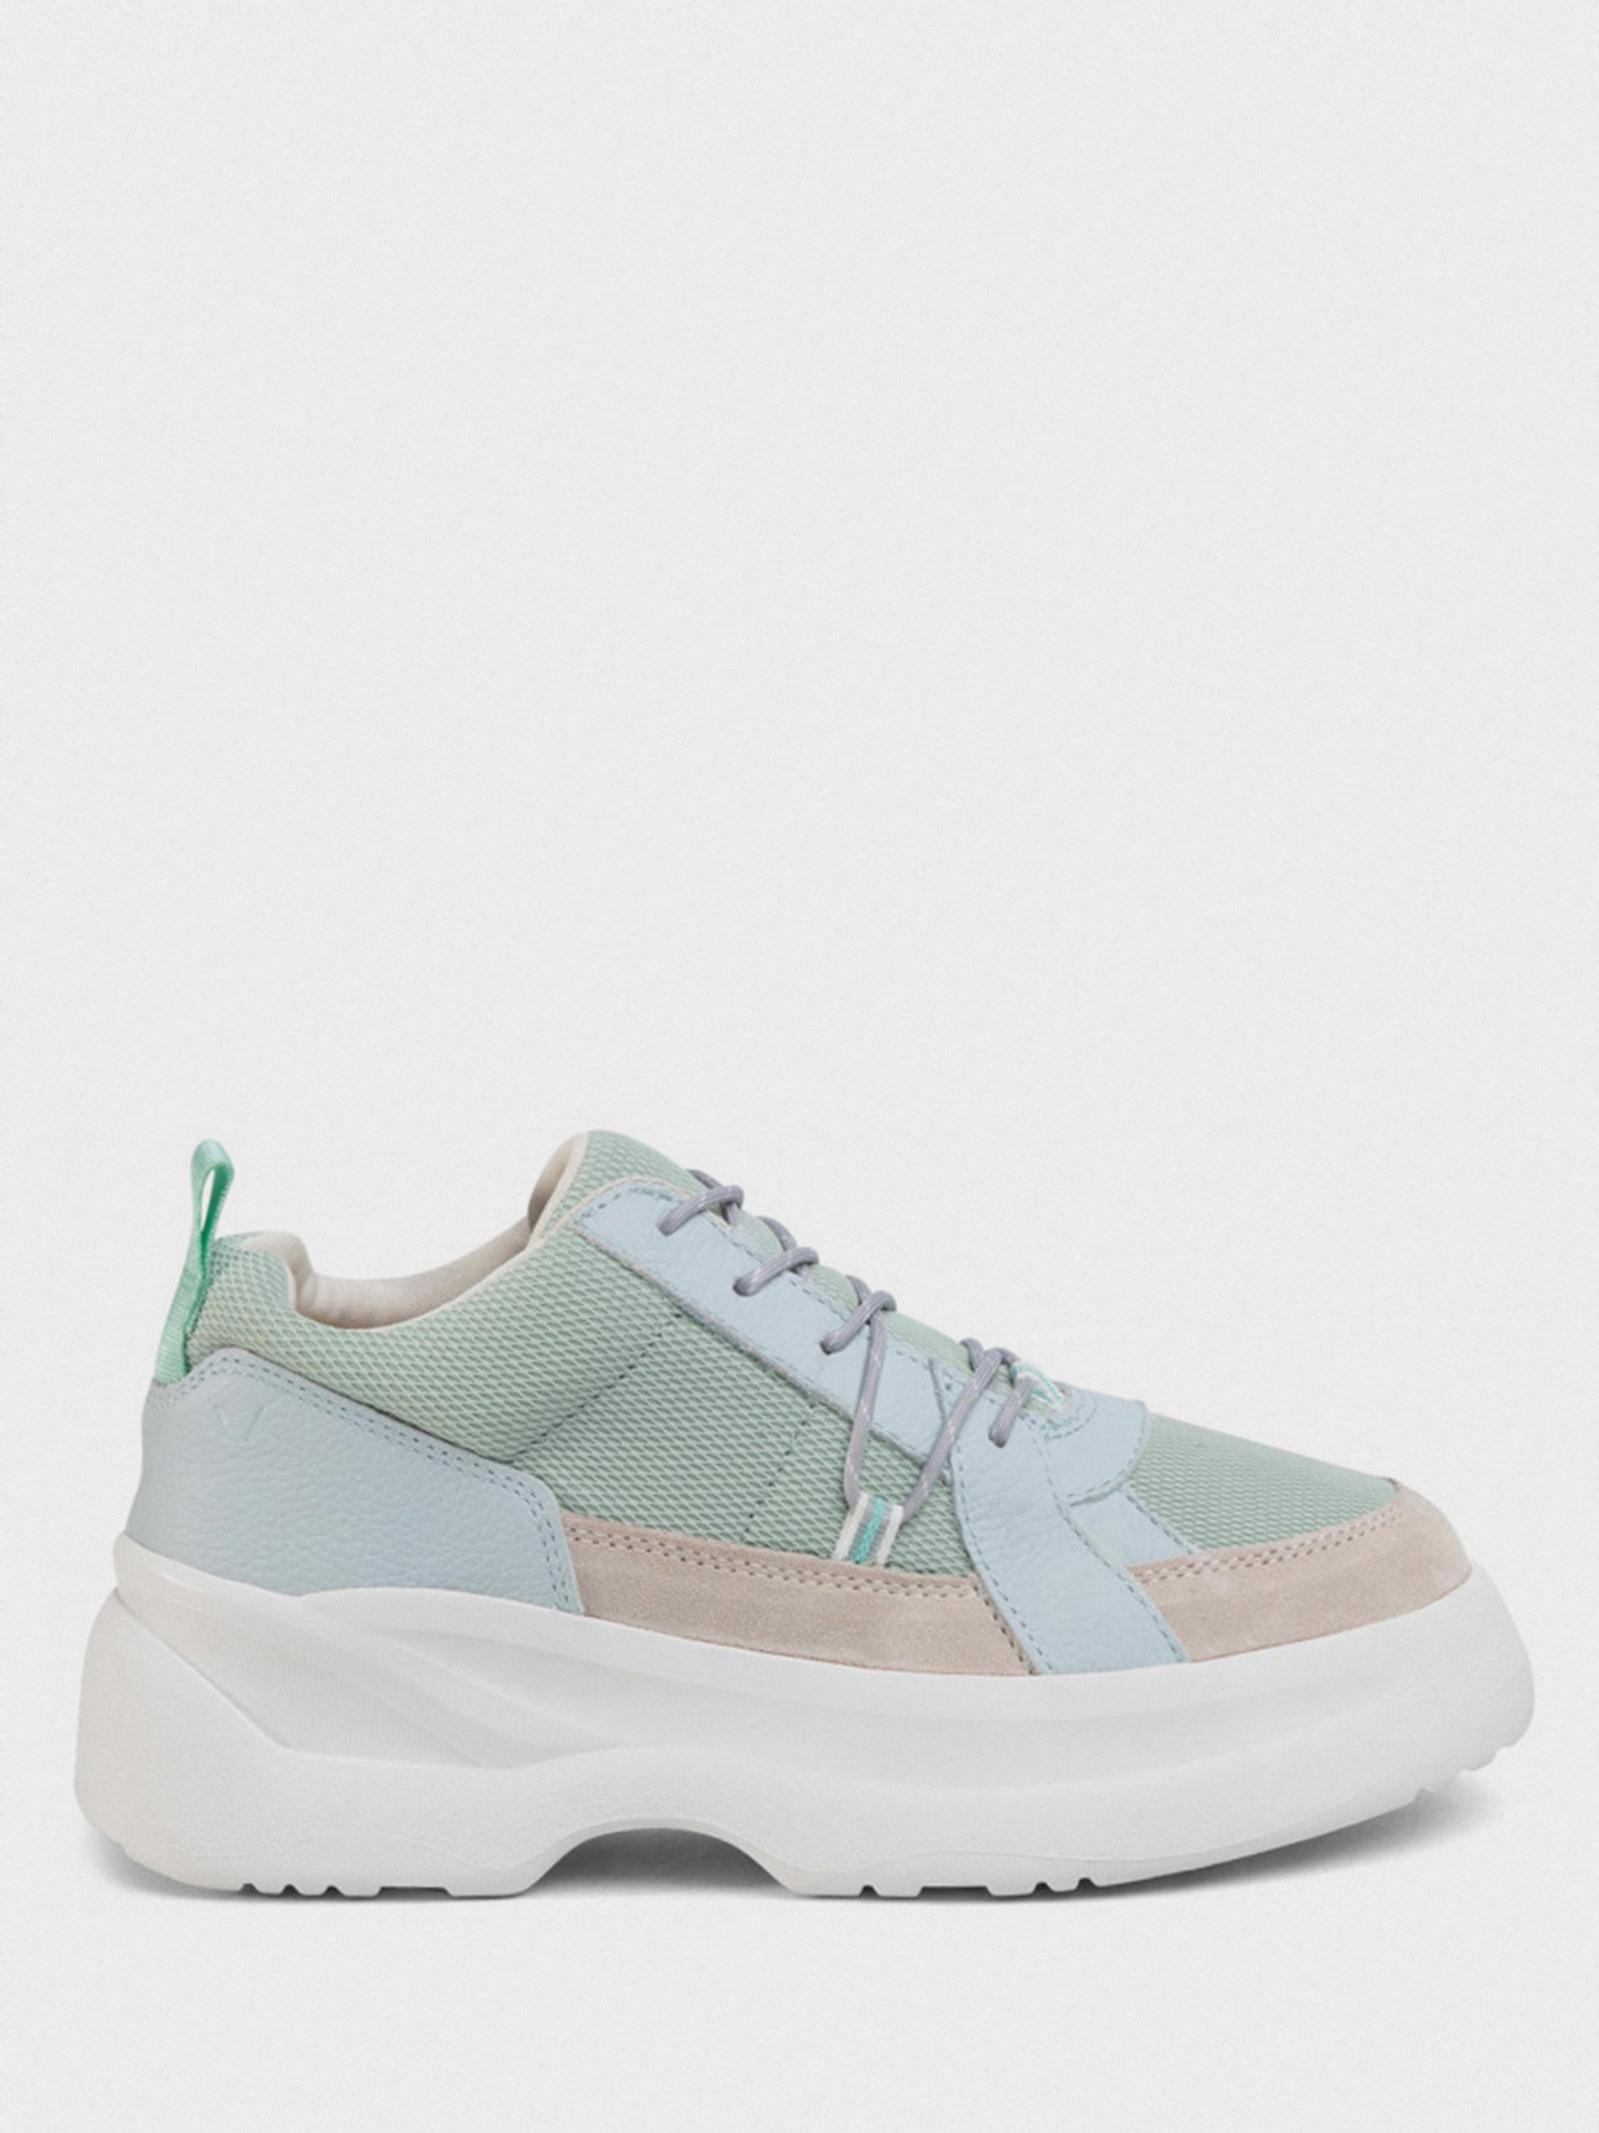 Кроссовки для женщин VAGABOND INDICATOR 2.0 4926-102-83 модная обувь, 2017